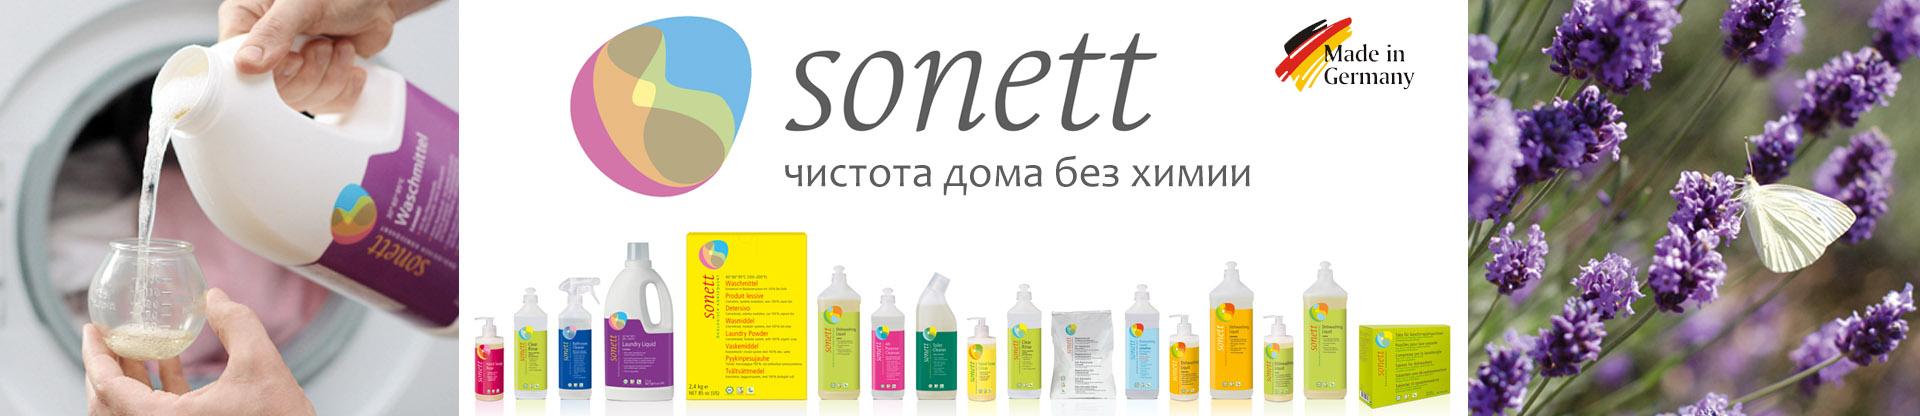 Чистота без химии с SONETT